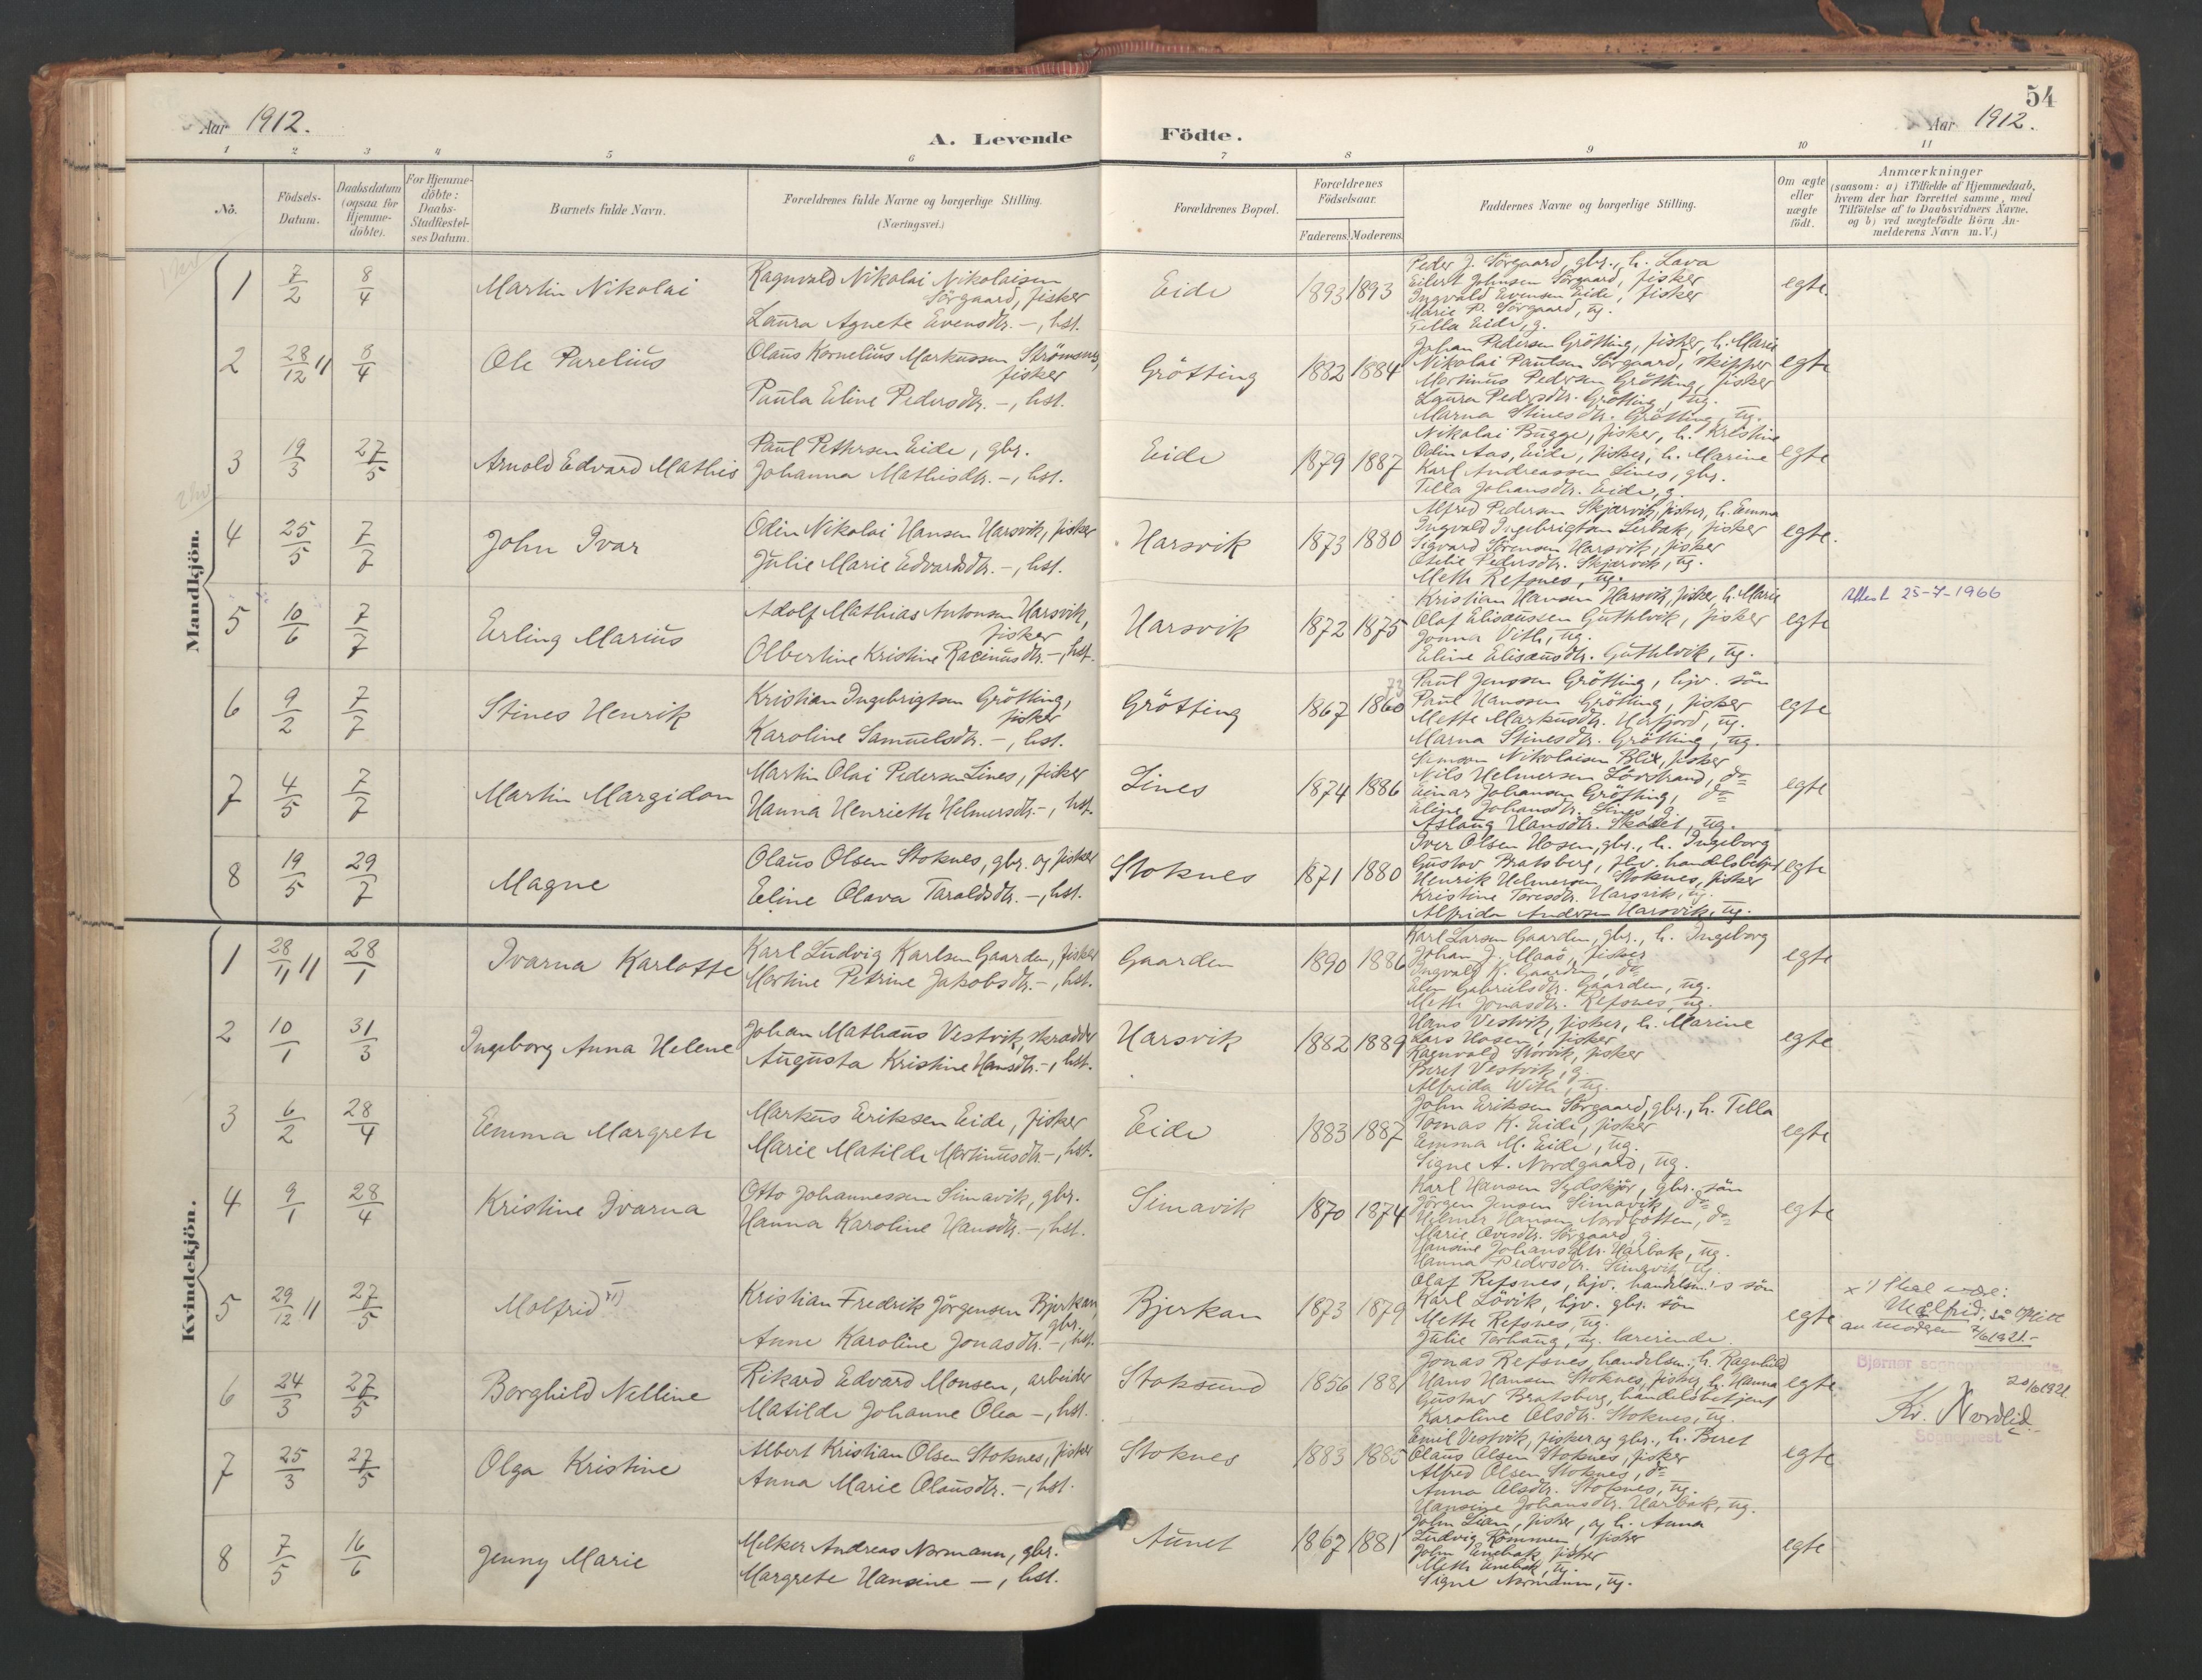 SAT, Ministerialprotokoller, klokkerbøker og fødselsregistre - Sør-Trøndelag, 656/L0693: Ministerialbok nr. 656A02, 1894-1913, s. 54